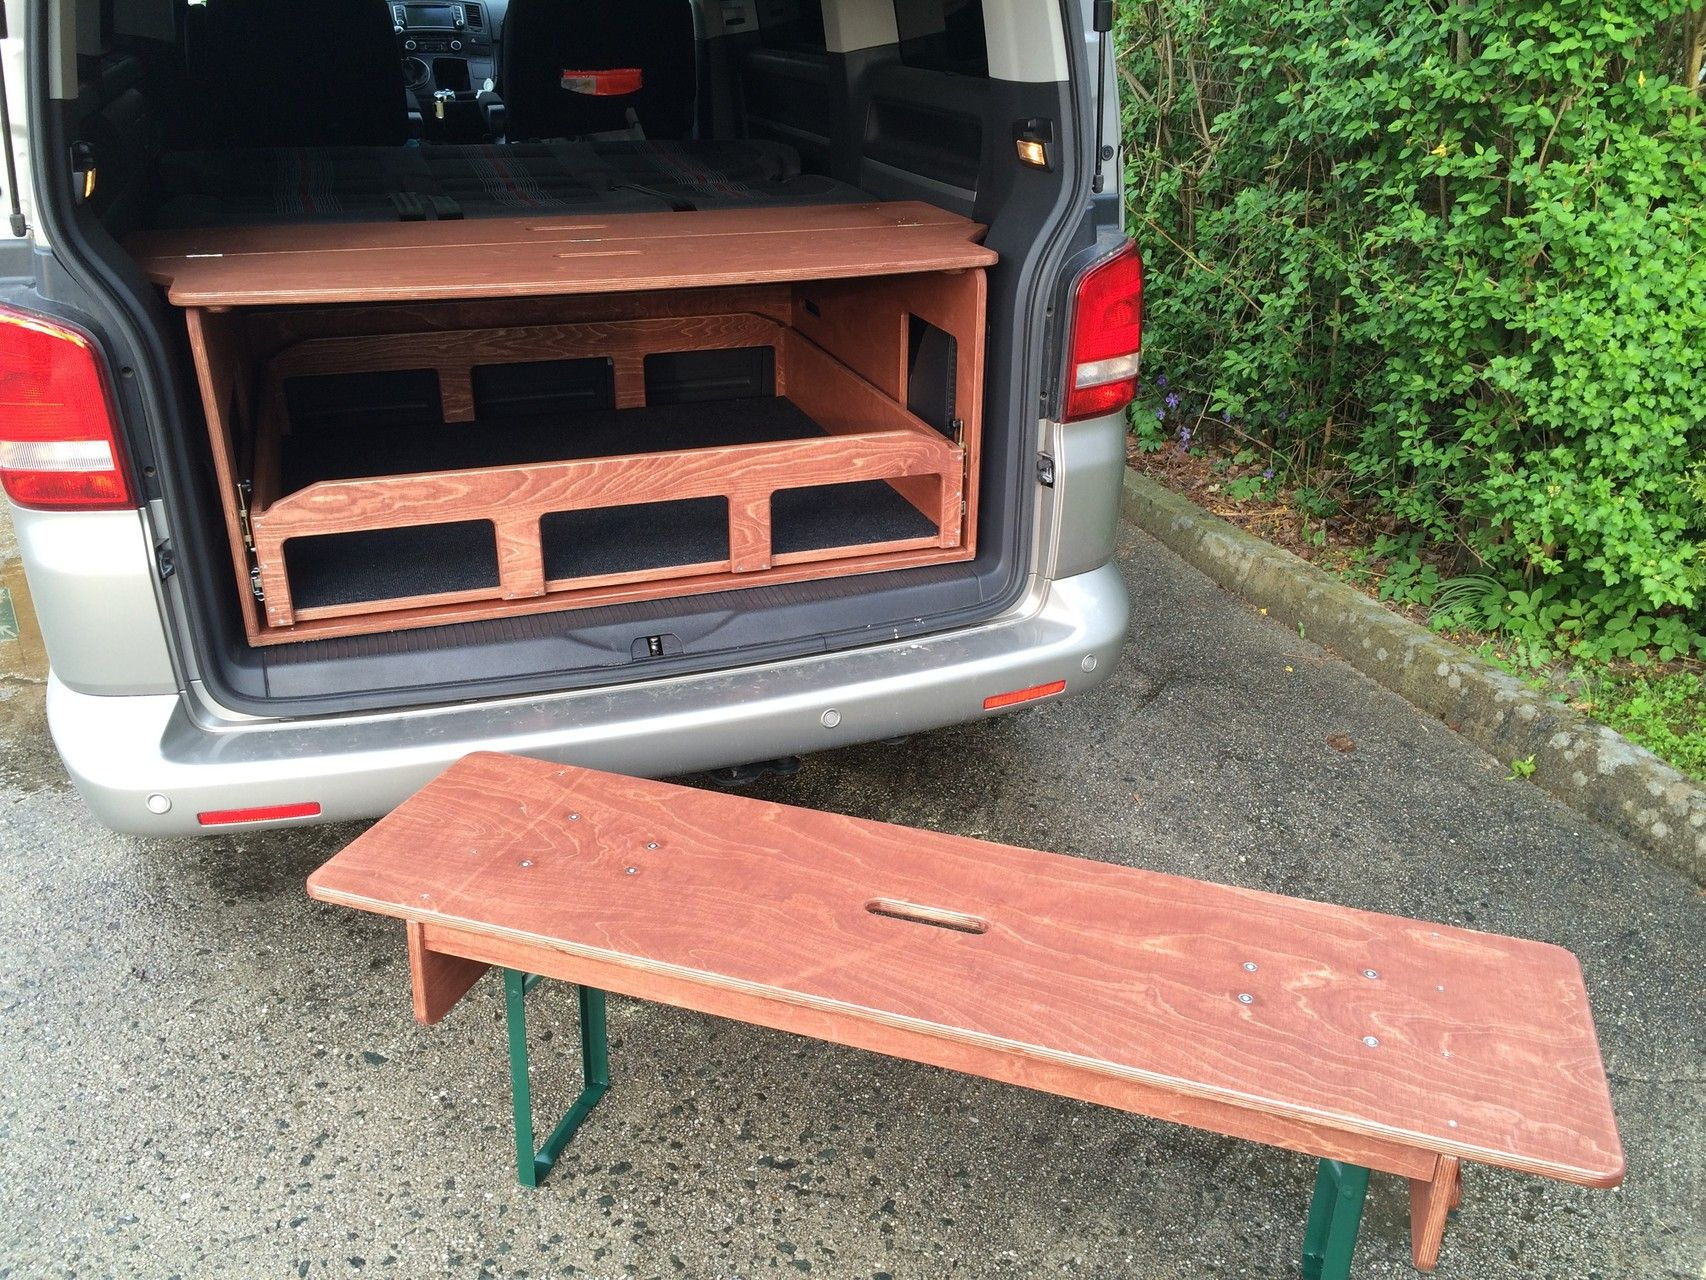 Fahrzeugausbau, Camping, Multiflexboard Alternative, VW T5